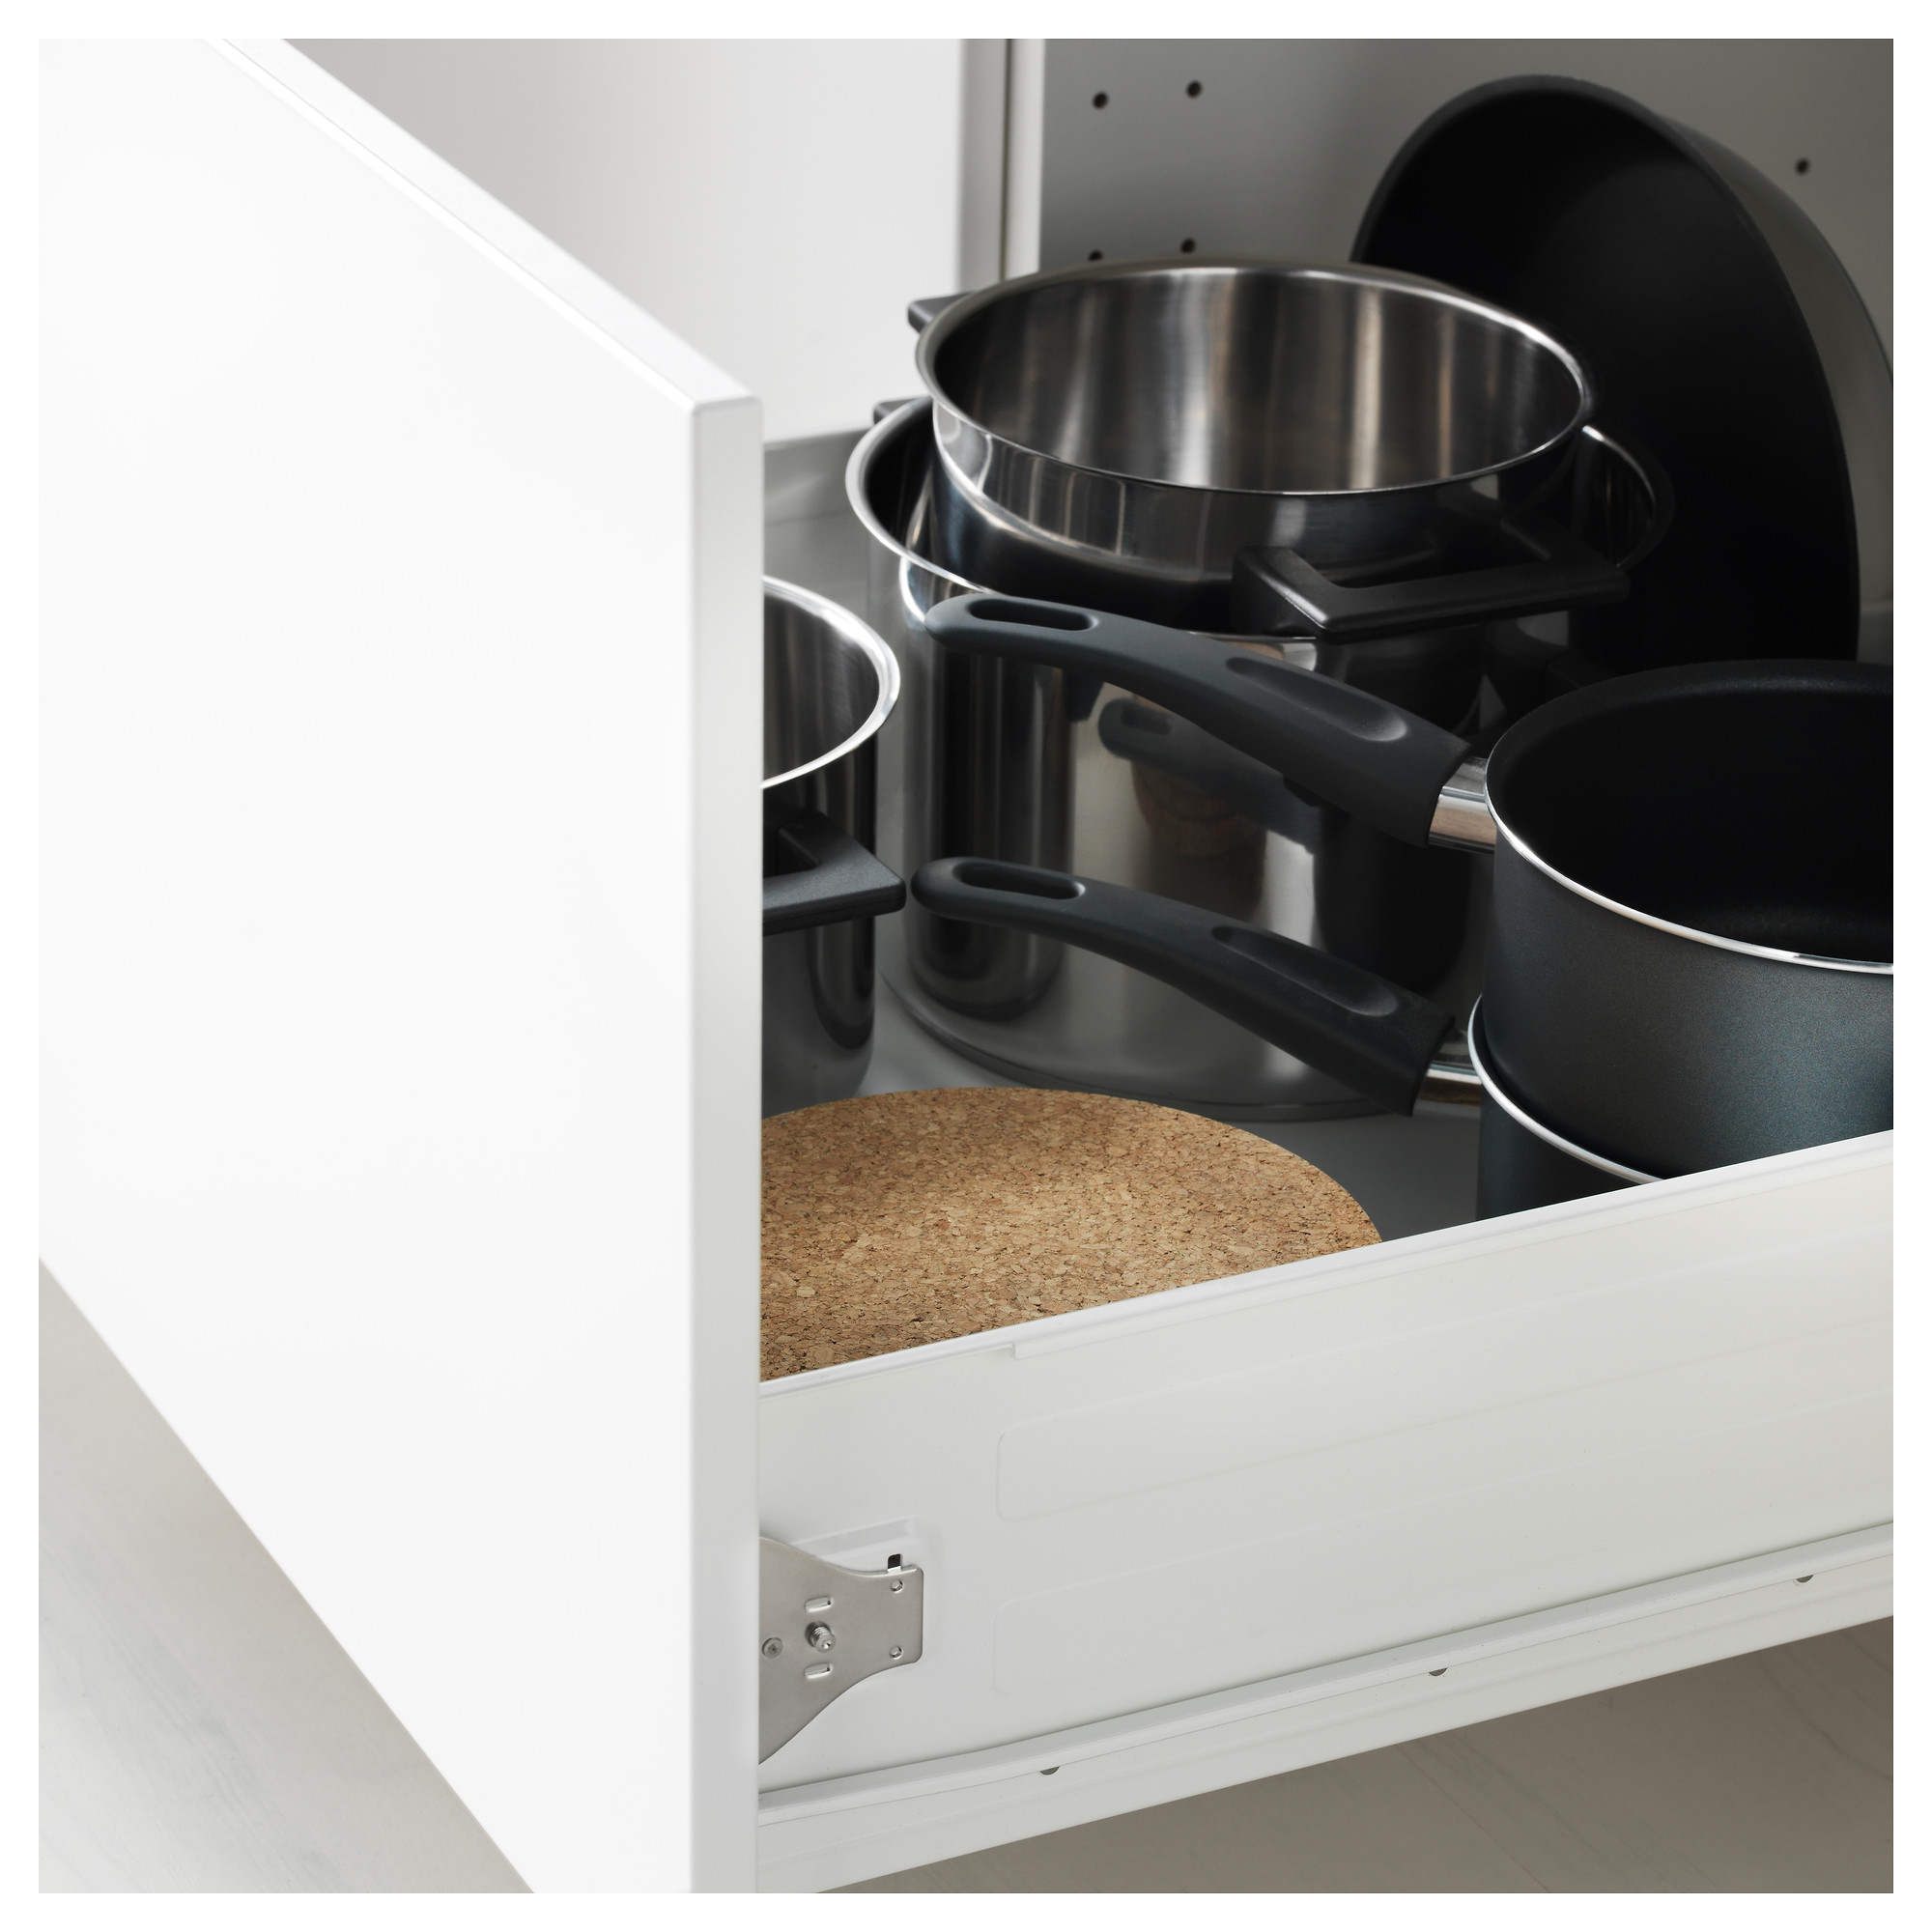 Высокий шкаф для духовки/СВЧ дверца, 3 ящика МЕТОД / ФОРВАРА черный артикуль № 592.647.77 в наличии. Онлайн магазин IKEA Беларусь. Быстрая доставка и установка.